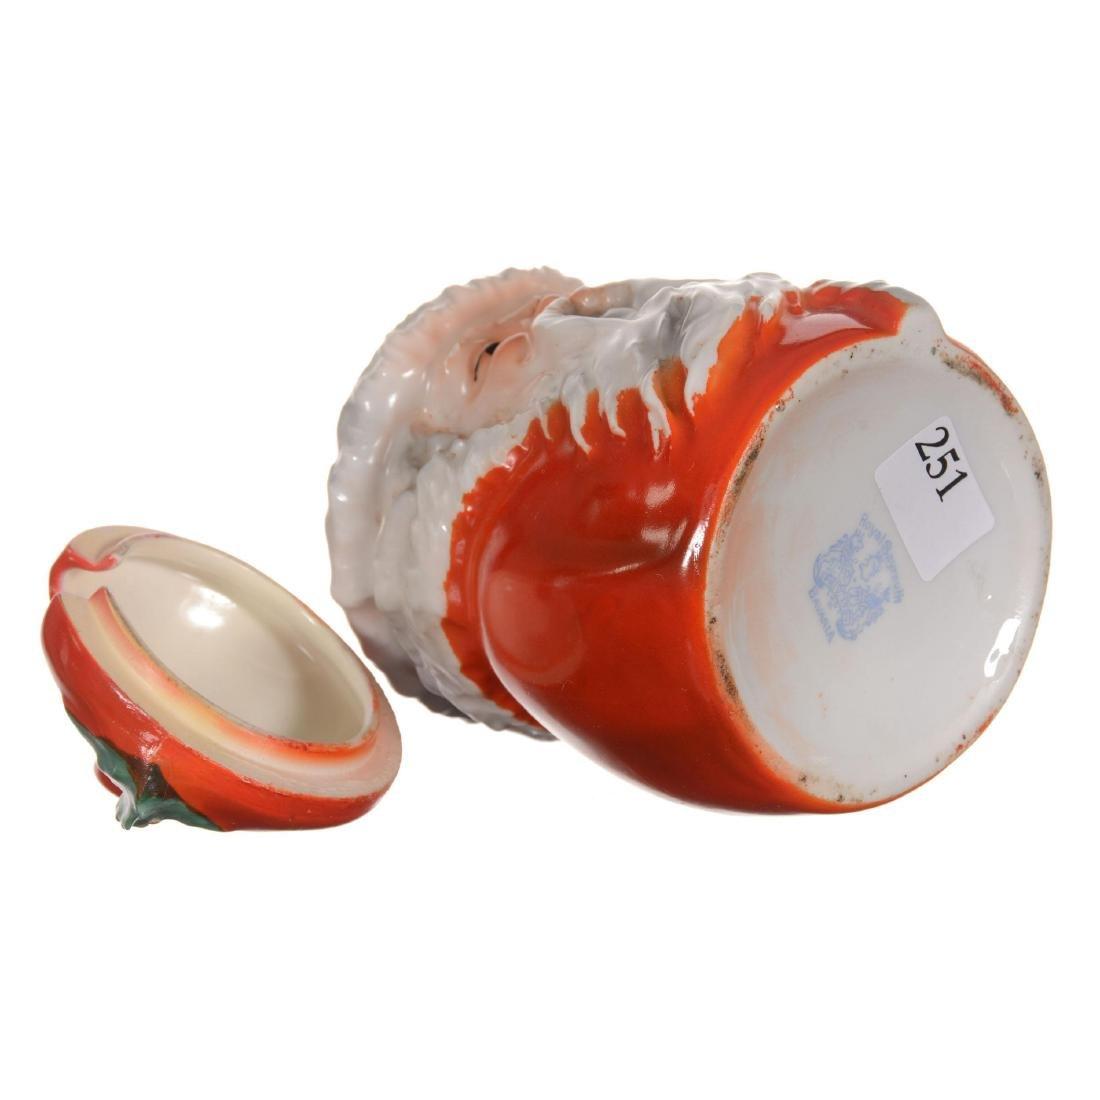 Royal Bayreuth Santa Claus Jam Jar - 3